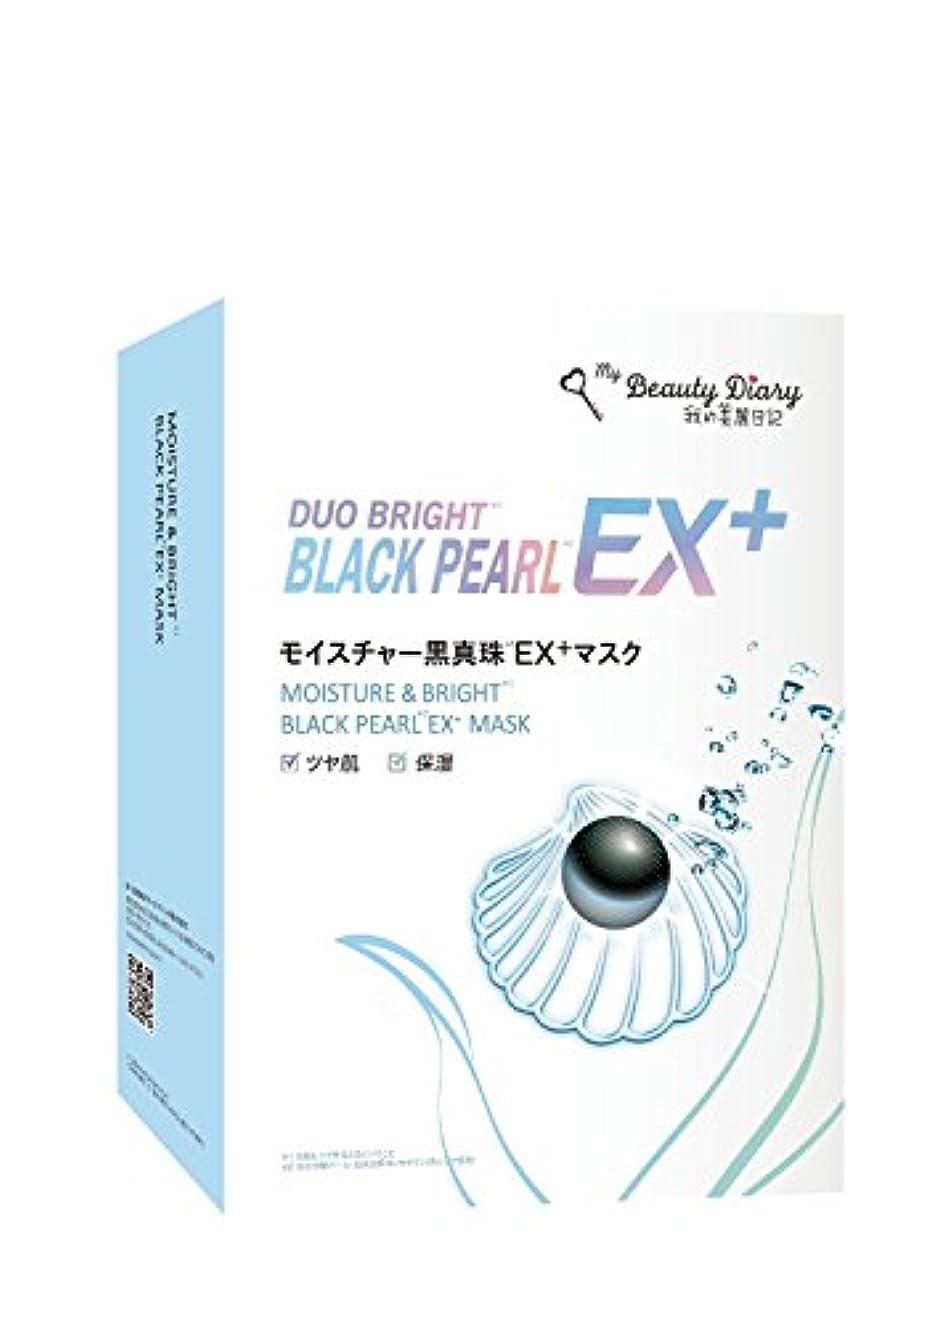 鮮やかな未満周波数我的美麗日記-私のきれい日記- モイスチャー黒真珠EX+マスク 6枚入